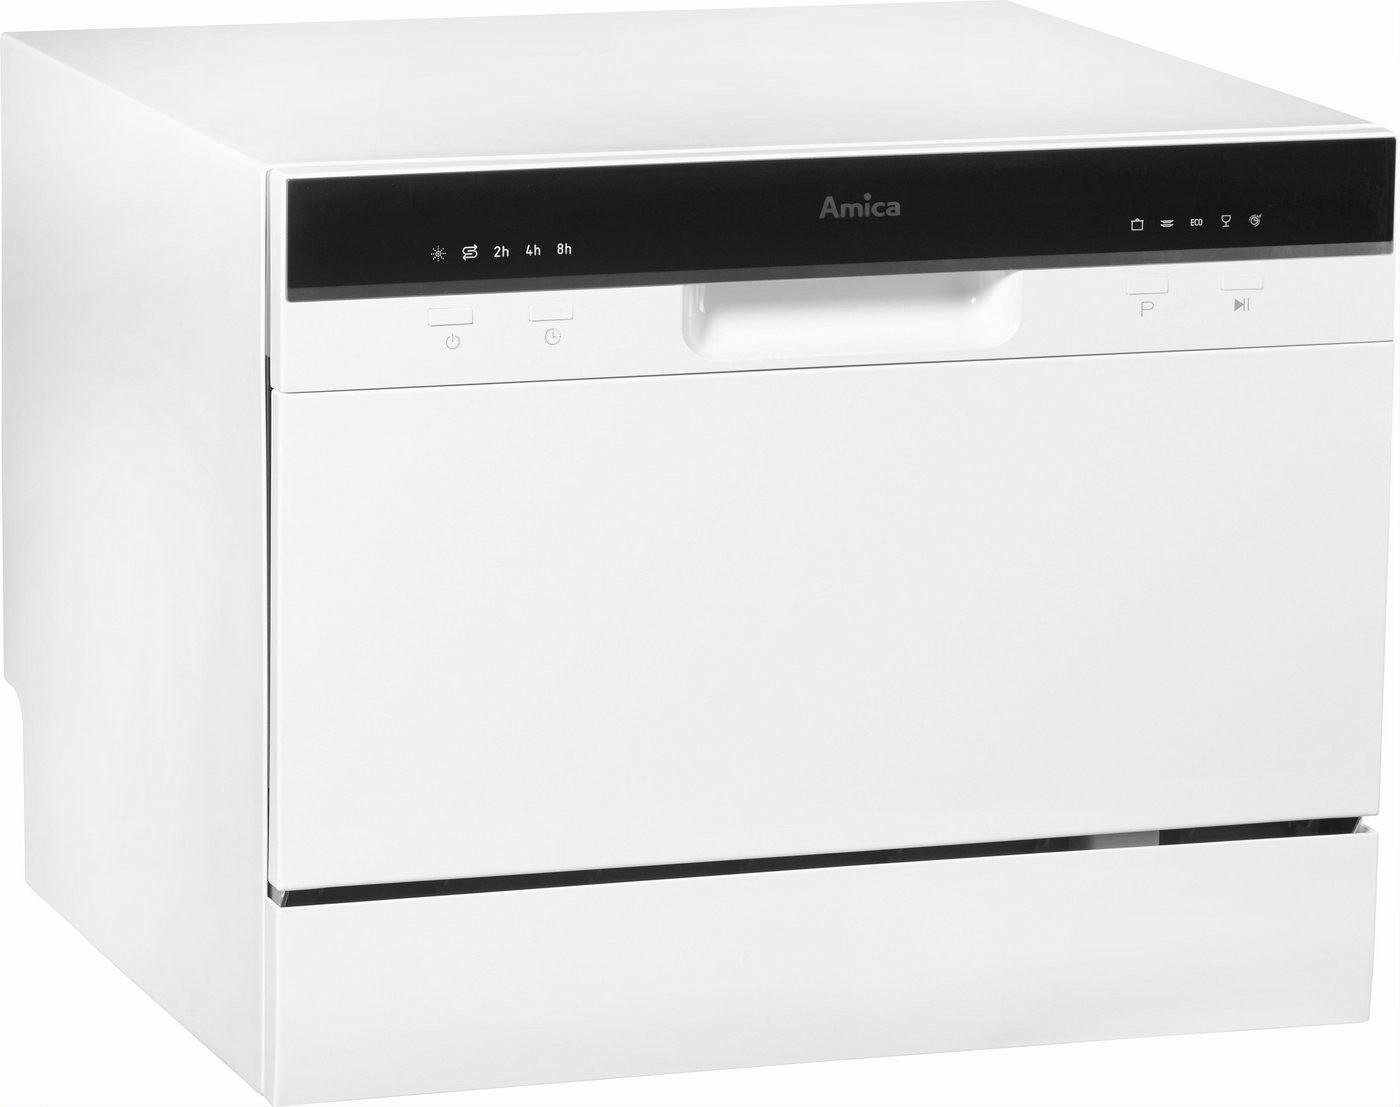 A Standgerät A+ 49 dB 550 mm AMICA GSP 14559 W Geschirrspüler